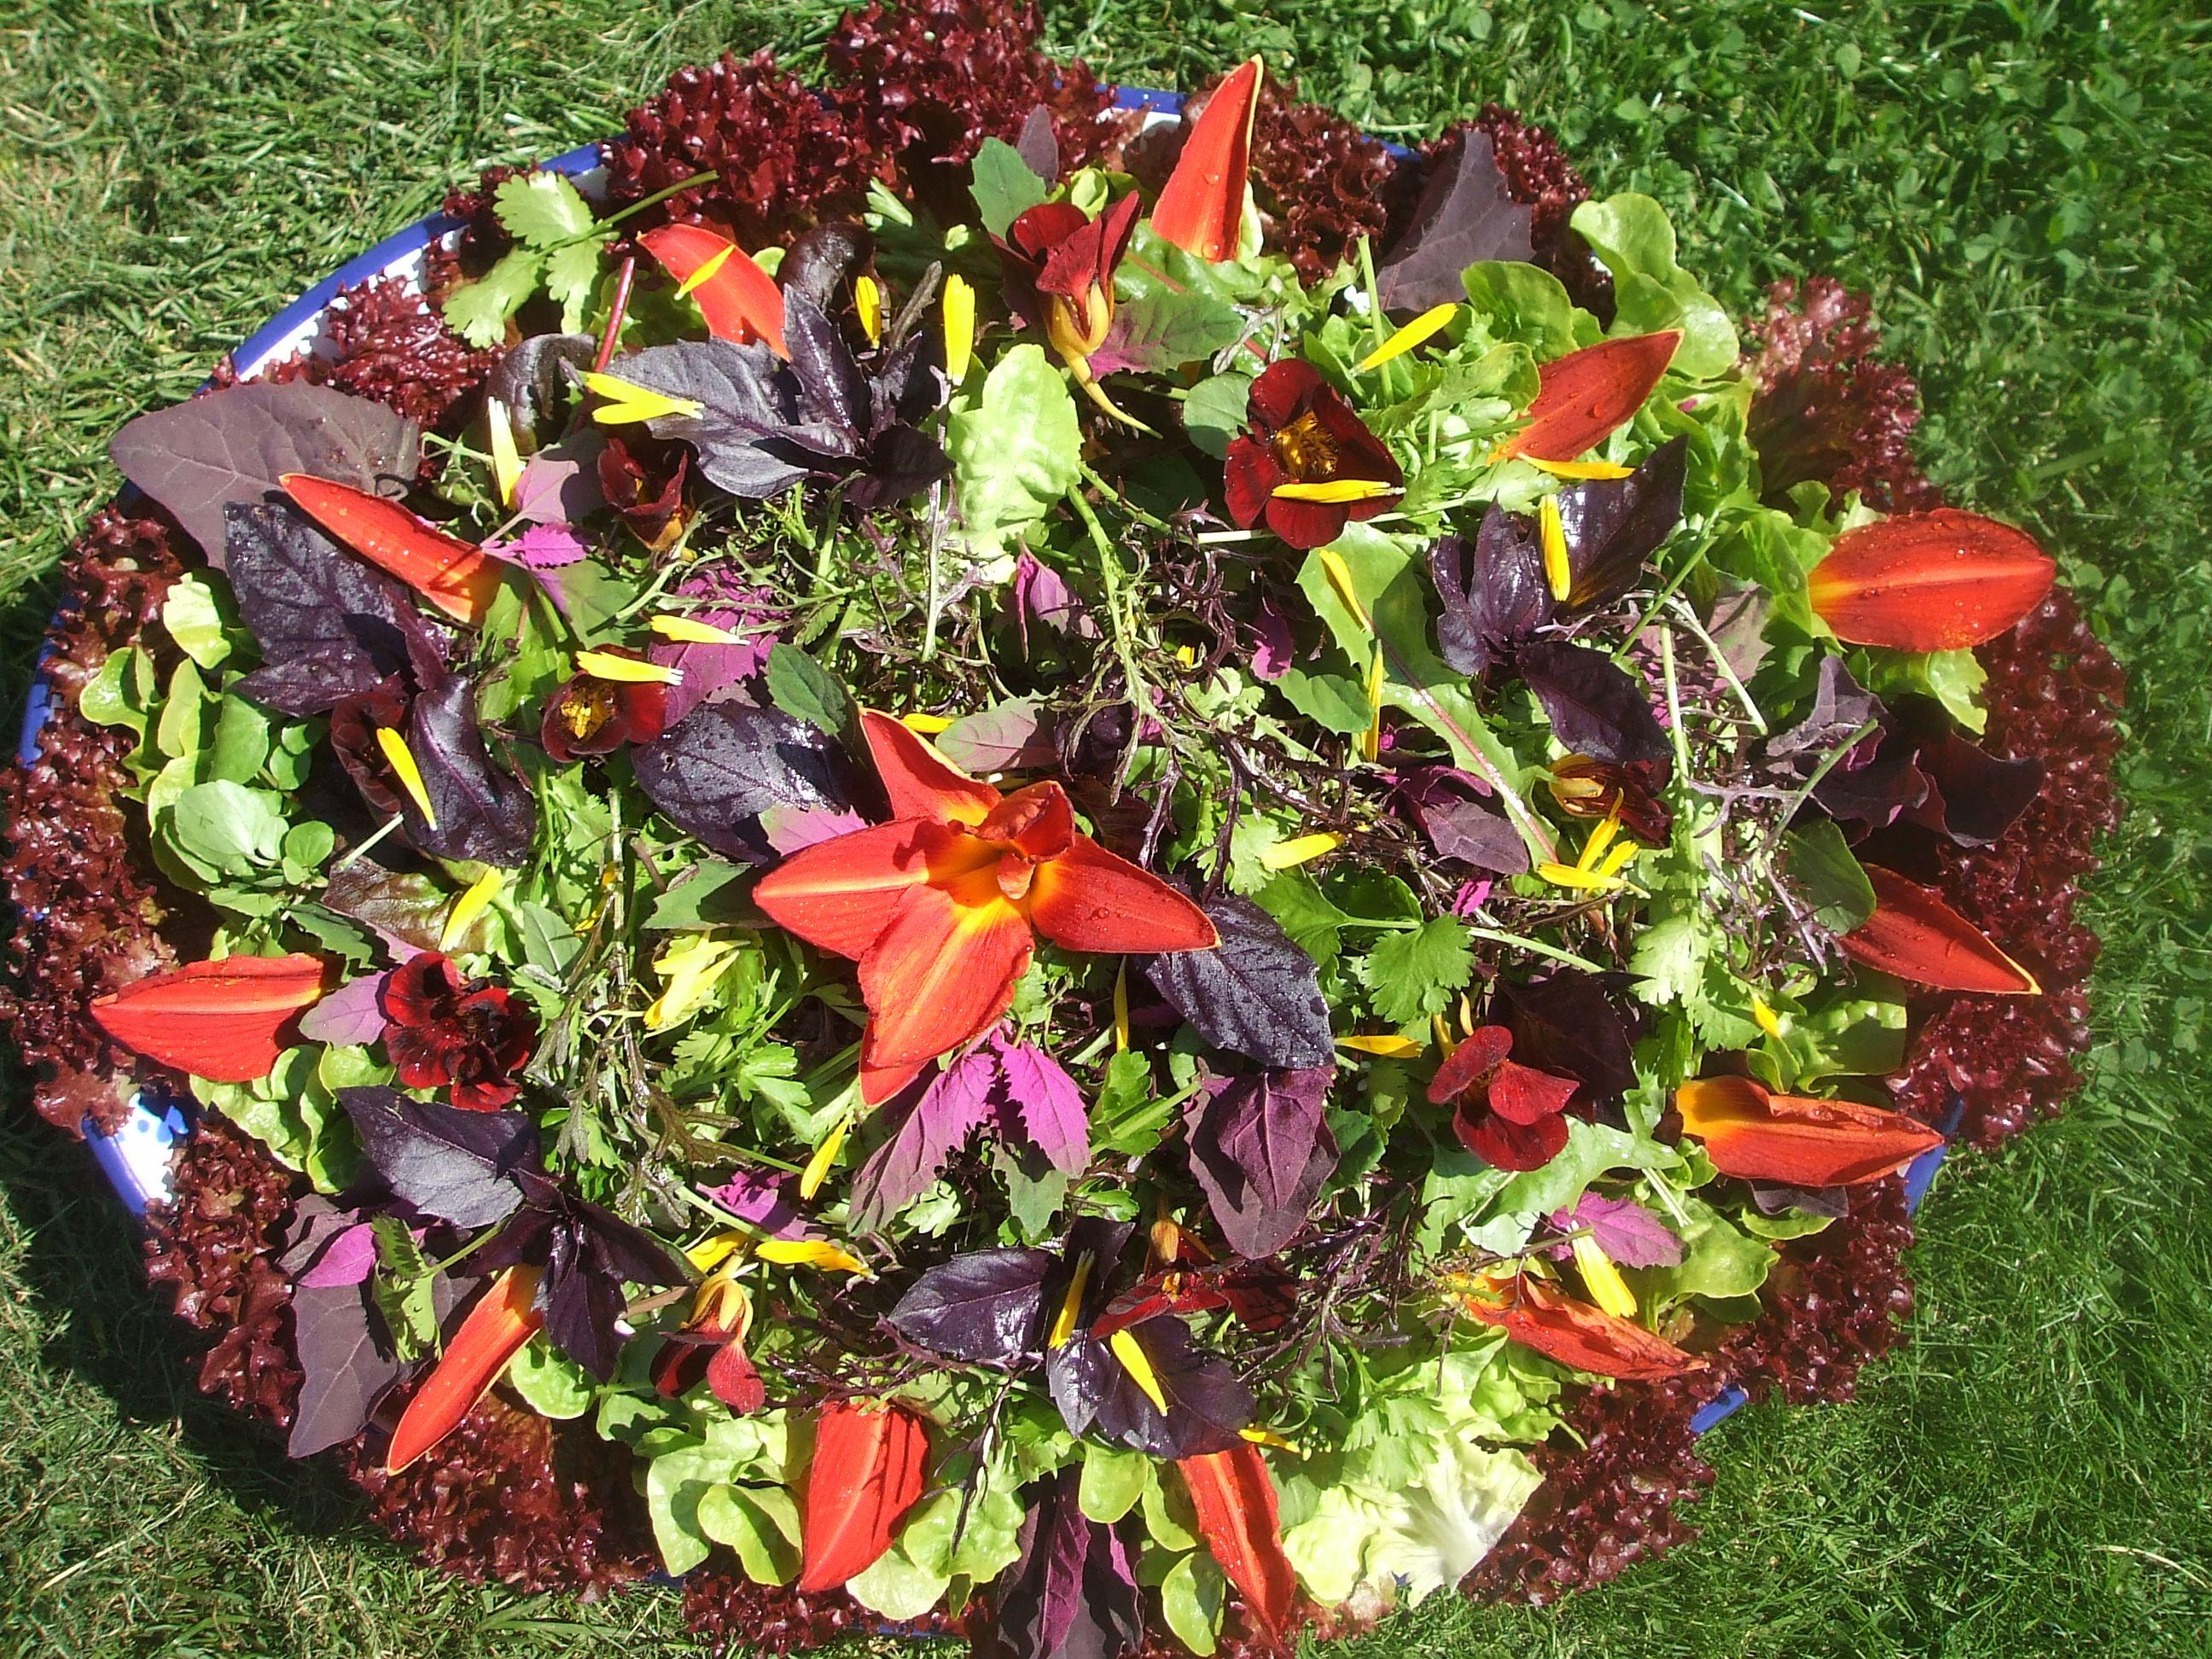 Ruby Wedding Flower Salad From Maddocks Farm Organics